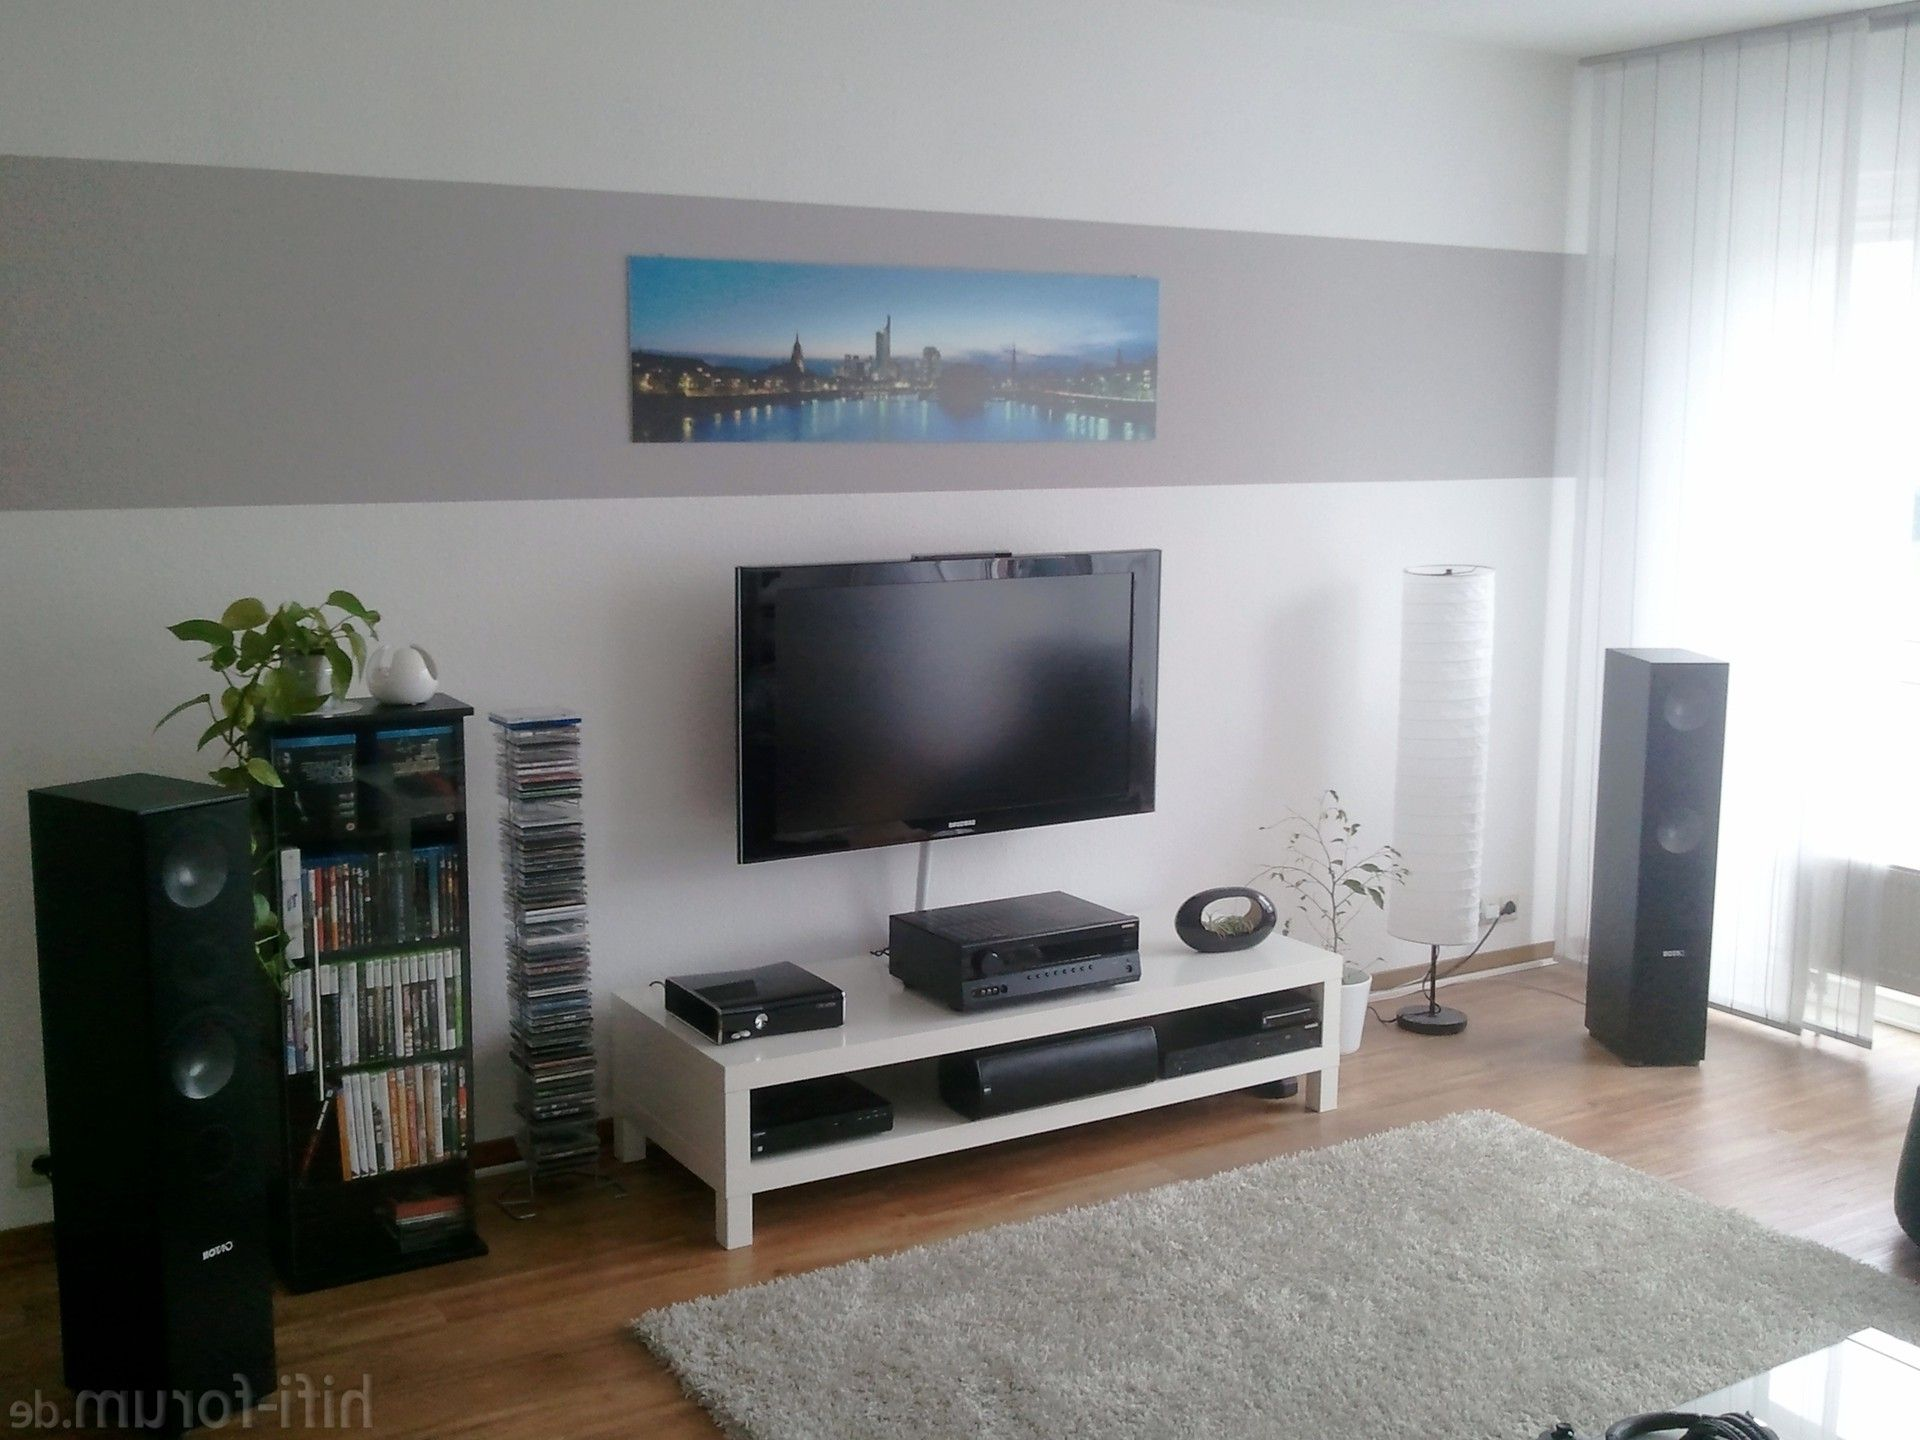 Groses Wohnzimmer   Lautsprecher Grosses Wohnzimmer In 2018 Wohnzimmer Wandgestaltung